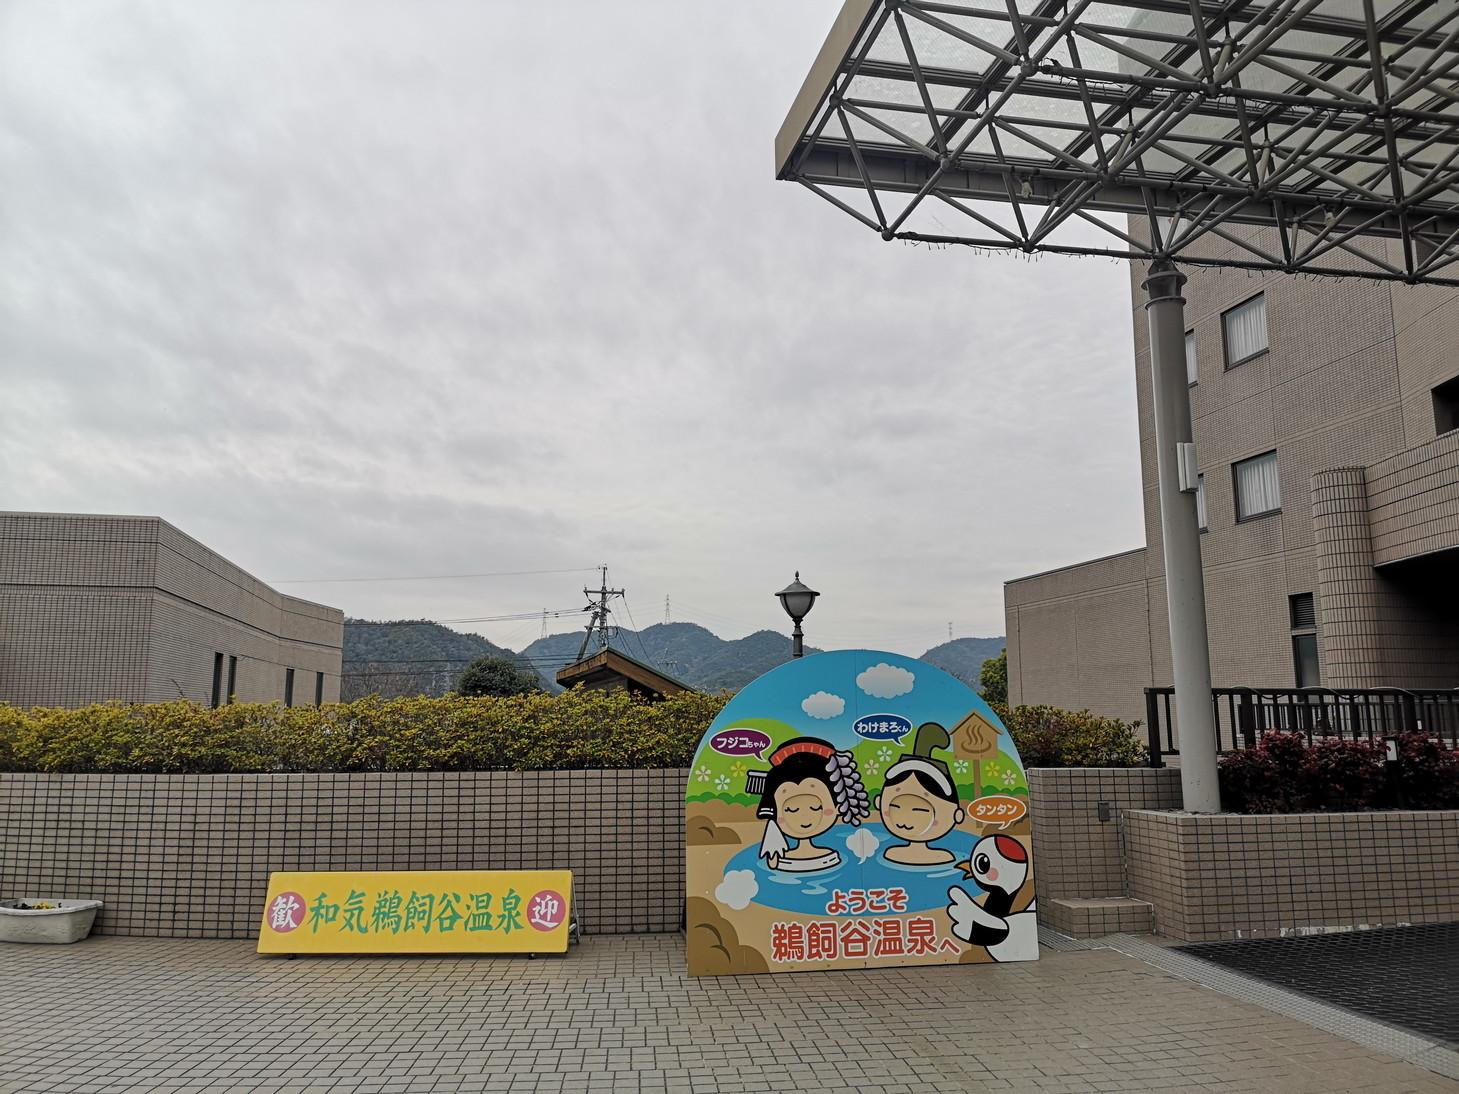 20191219_和気鵜飼谷温泉 (3)